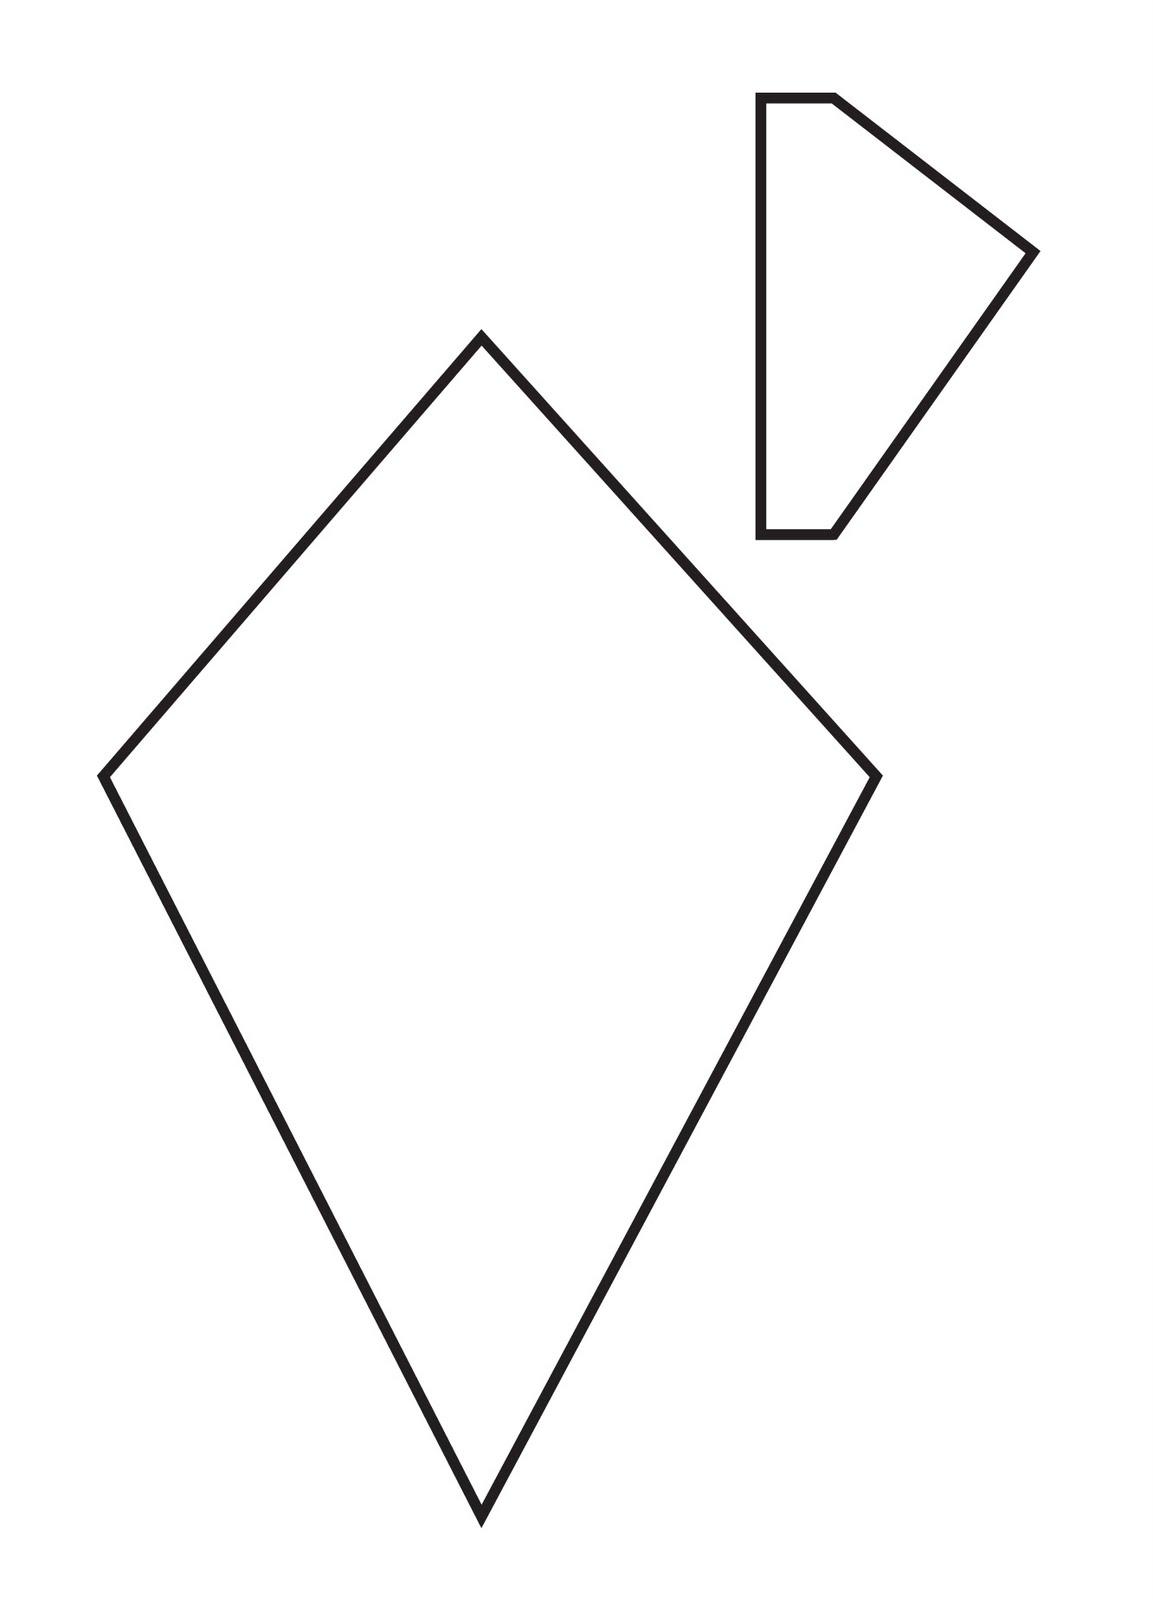 Tetrahedron kite template